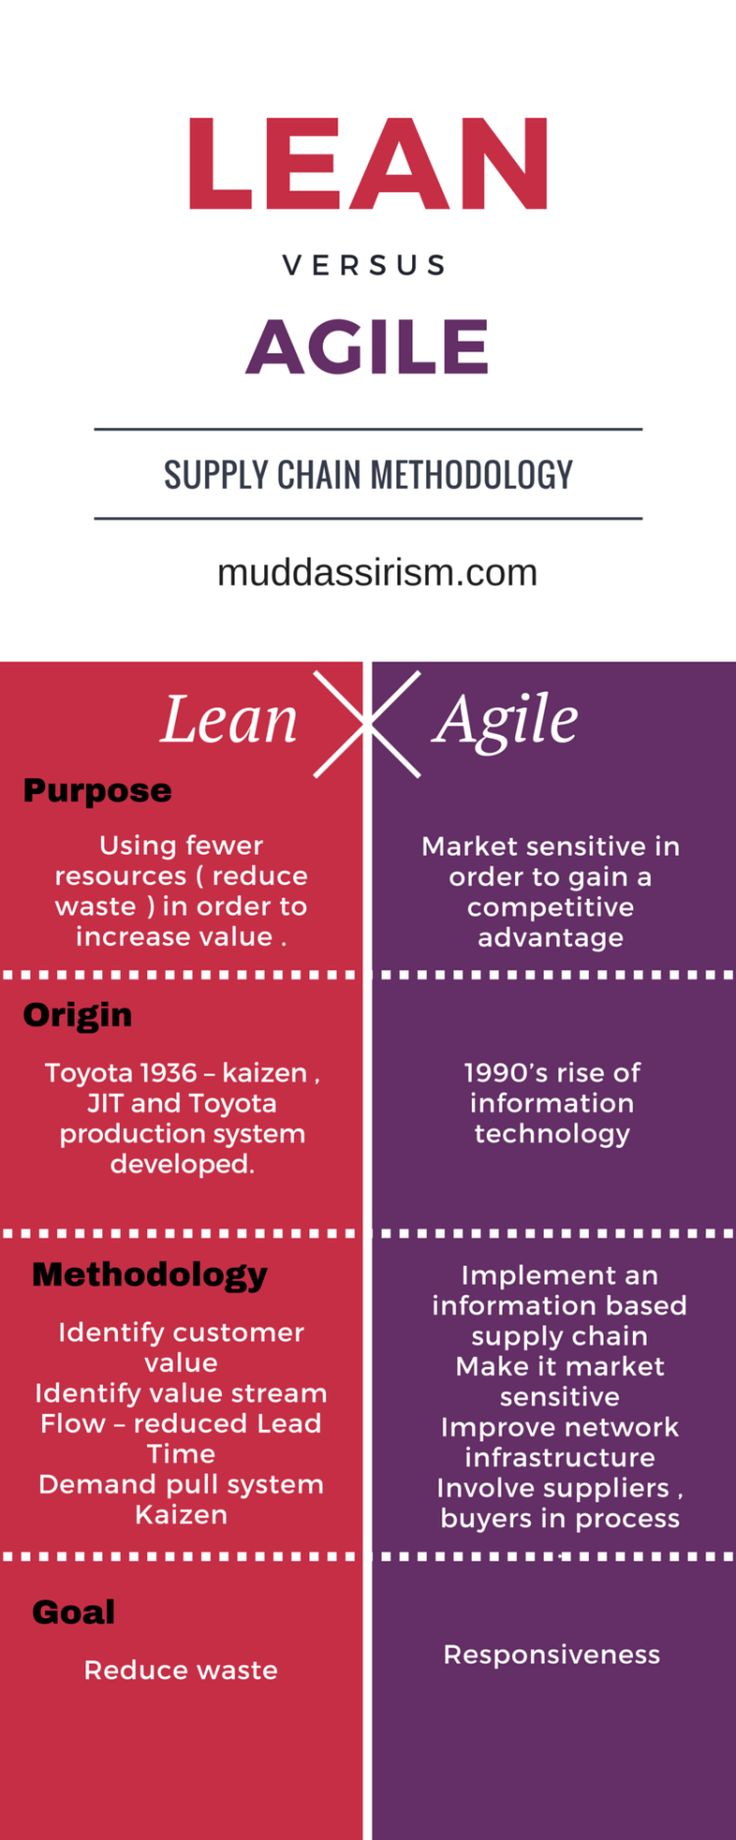 Lean vs Agile (1/2)